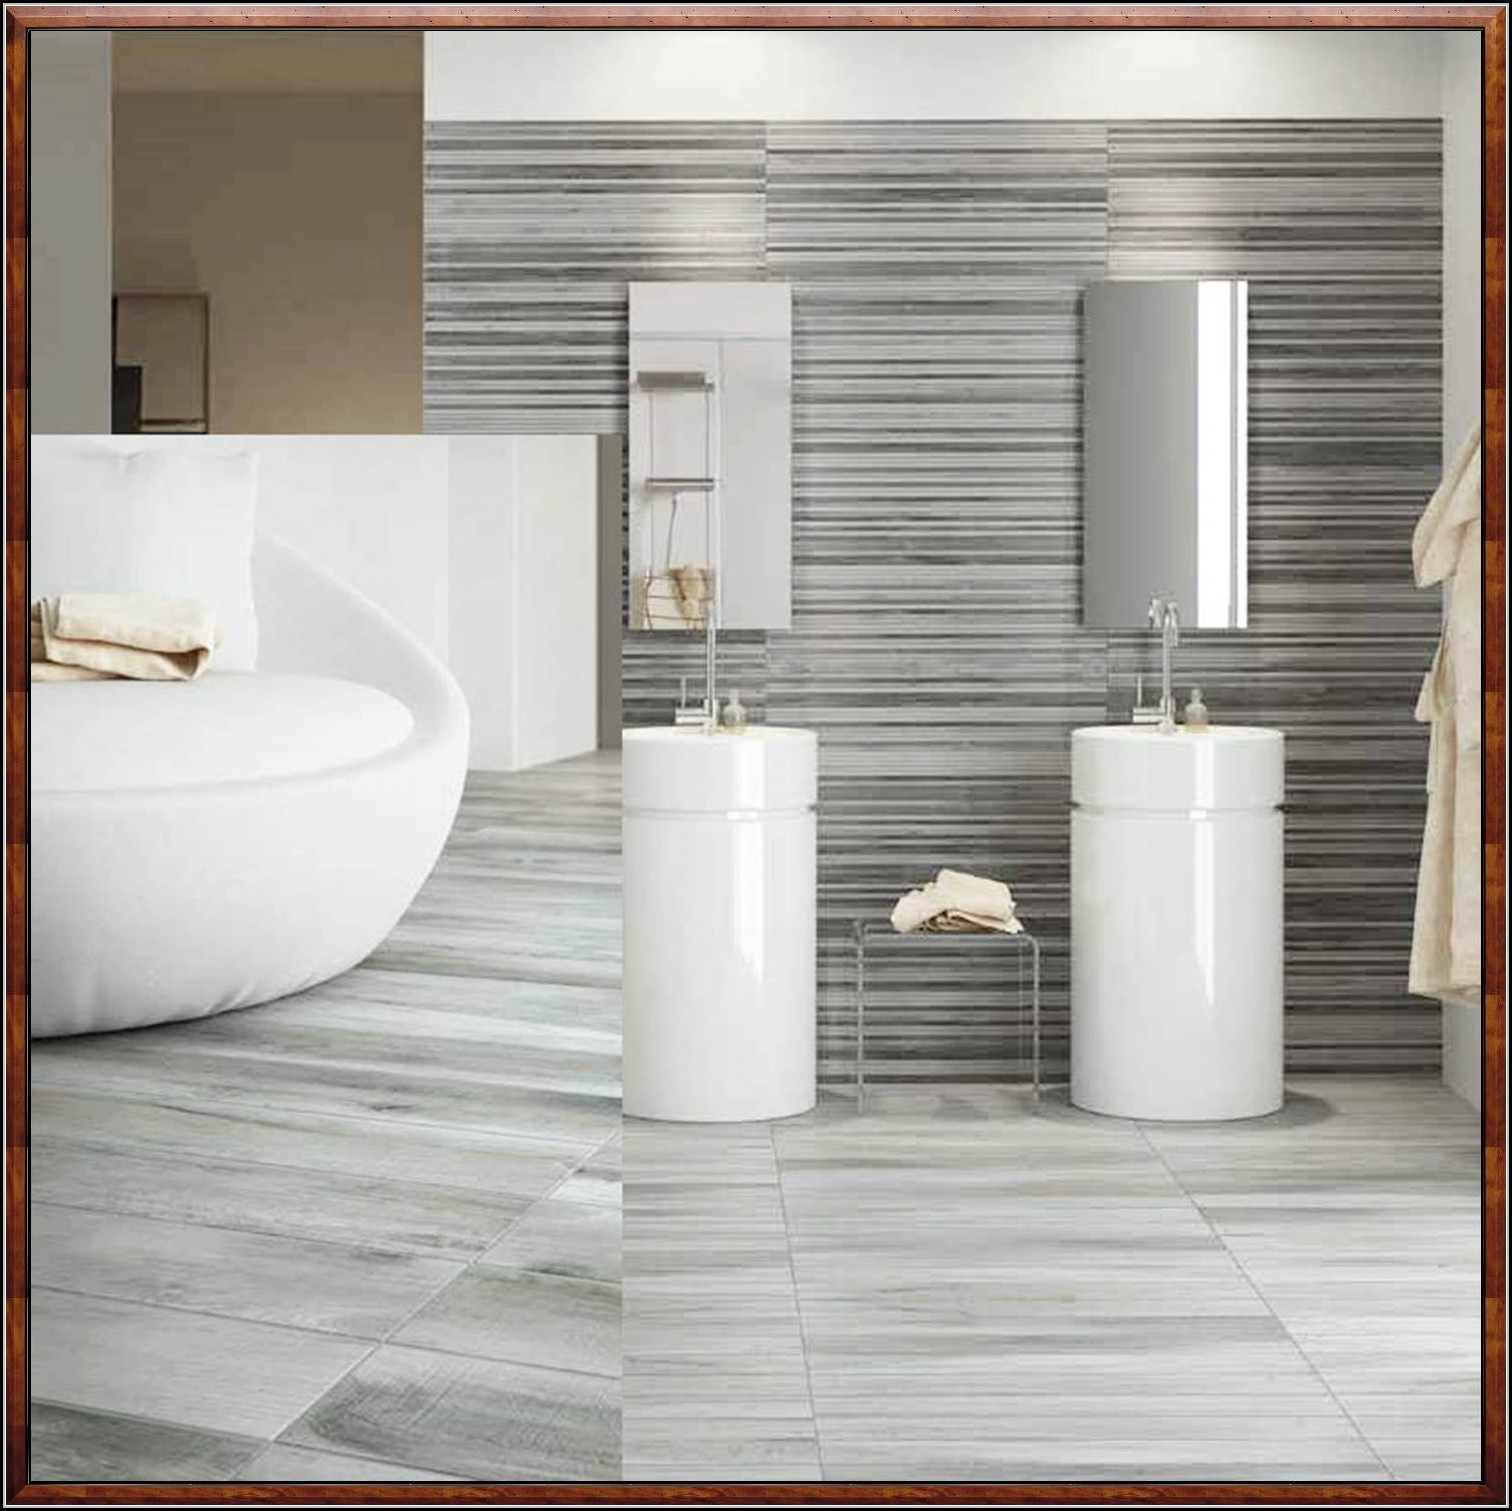 Badgestaltung Fliesen Beispiele Wohndesign: Badgestaltung Mit Fliesen In Holzoptik